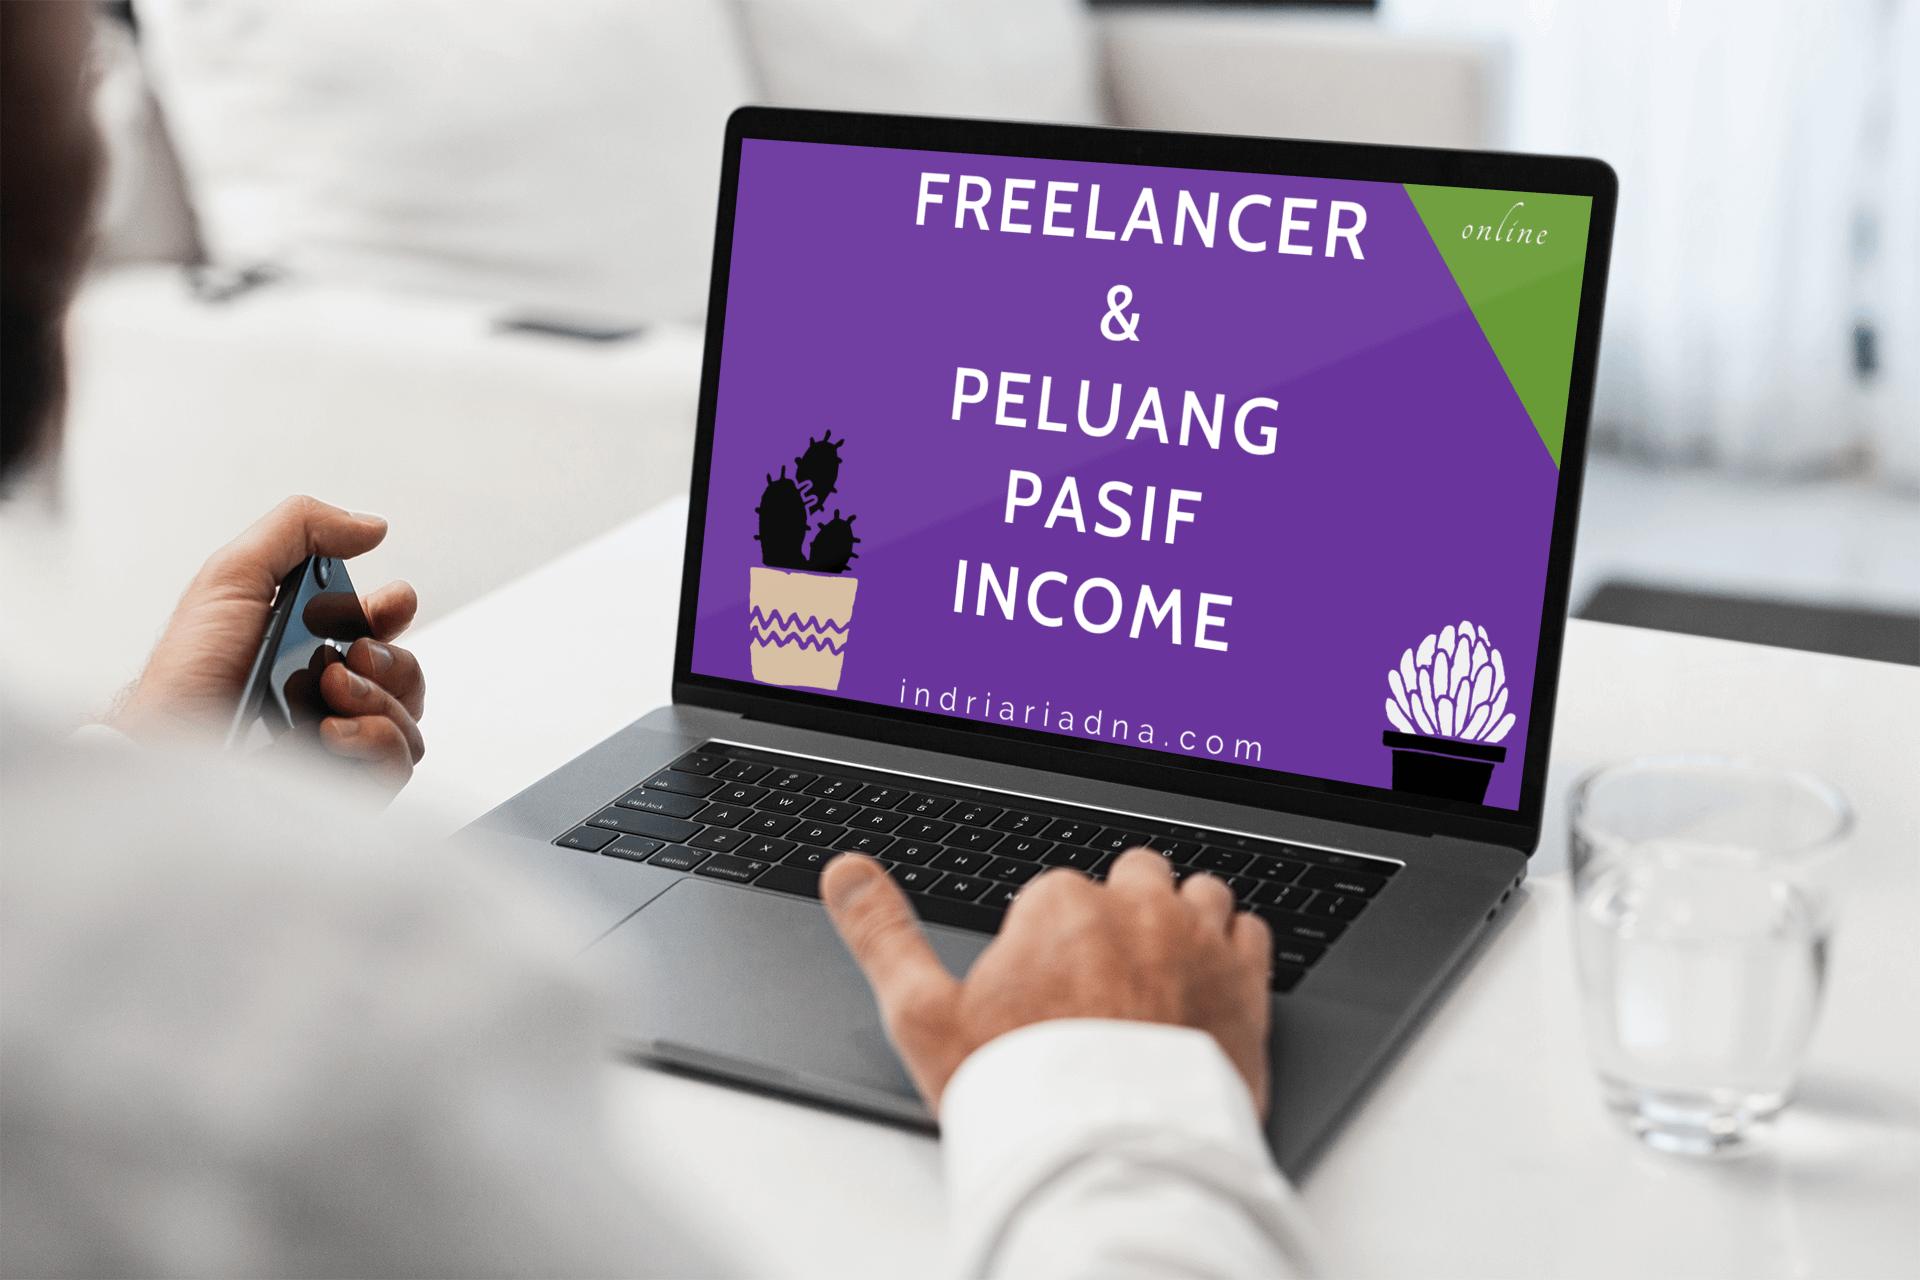 freelancer dan peluang pasif income